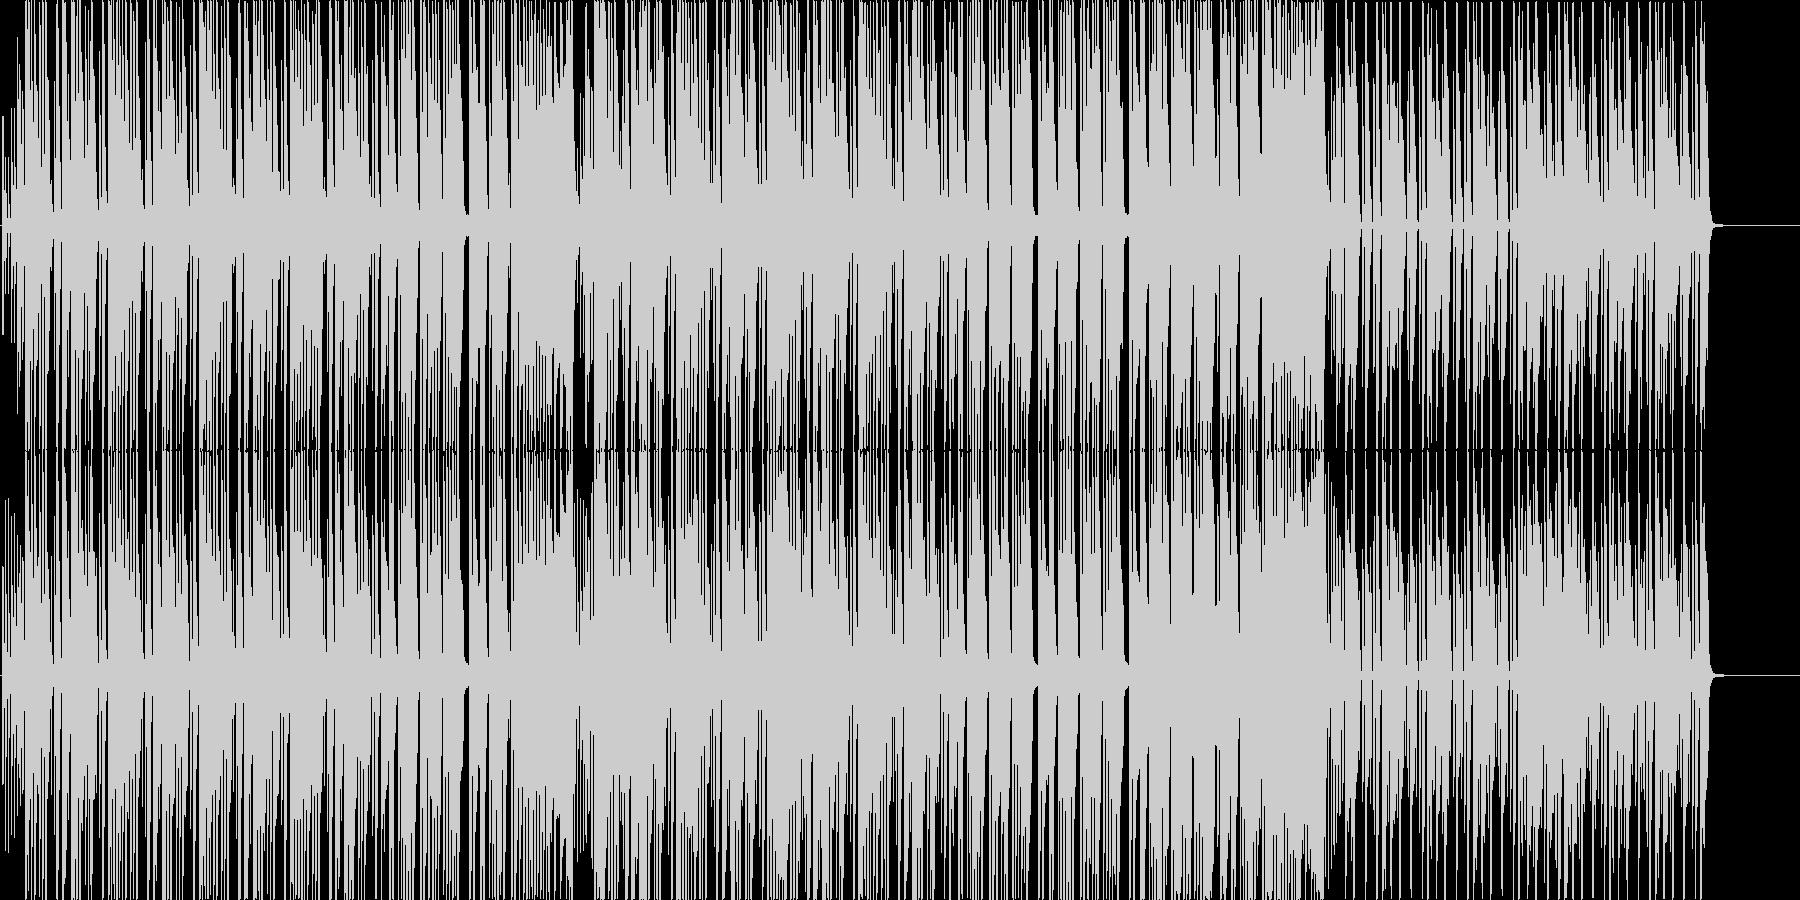 三味線、箏の可愛くカッコ良い和風曲の未再生の波形